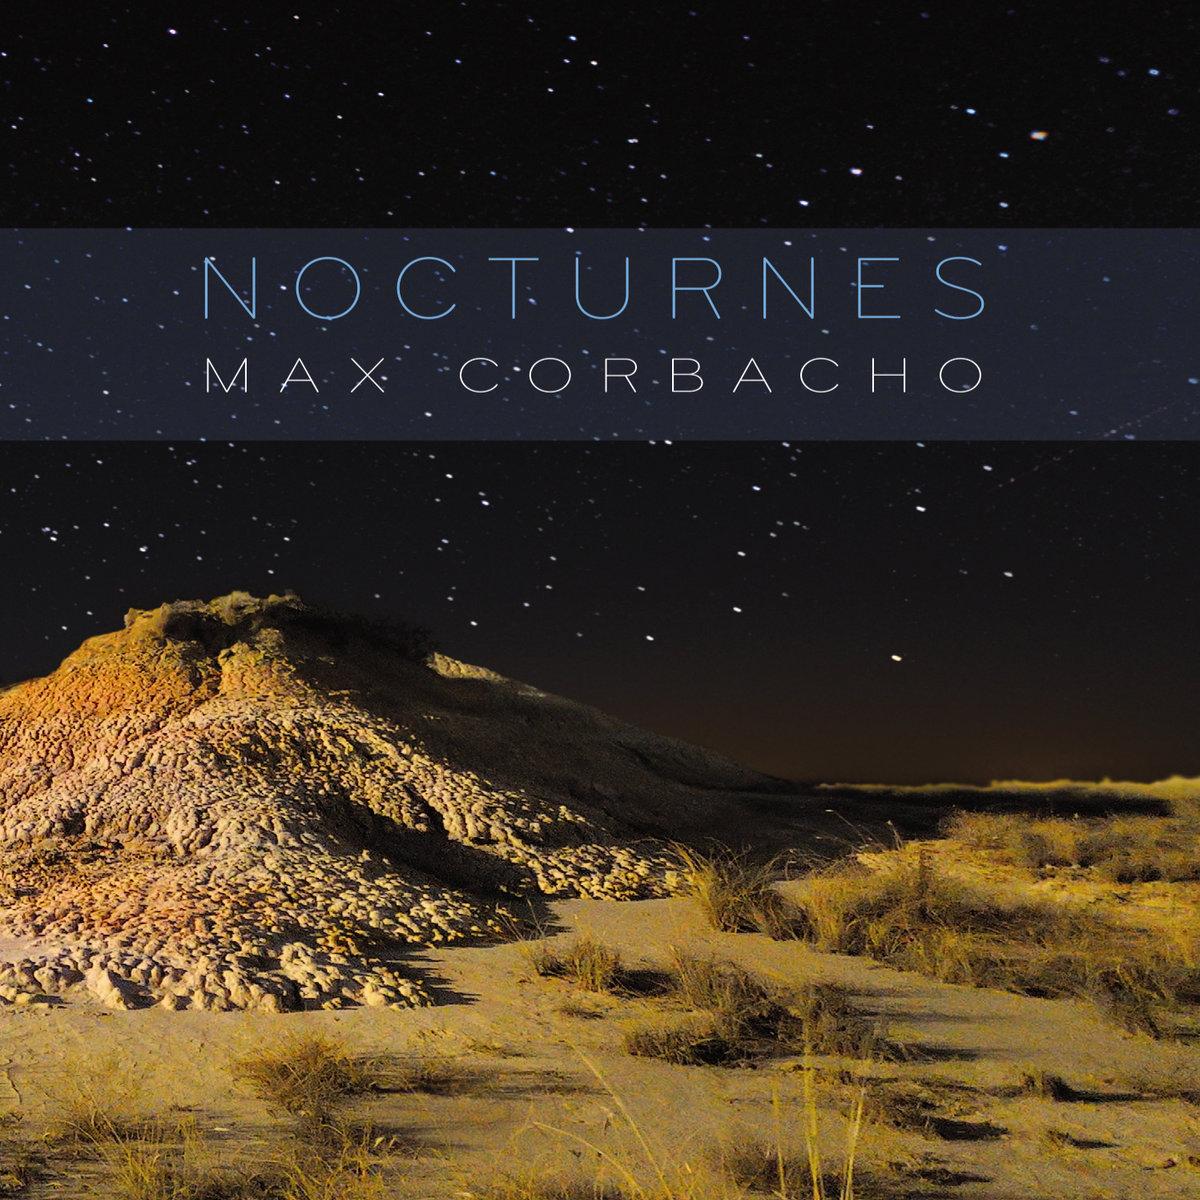 75. Max Corbacho - Nocturnes